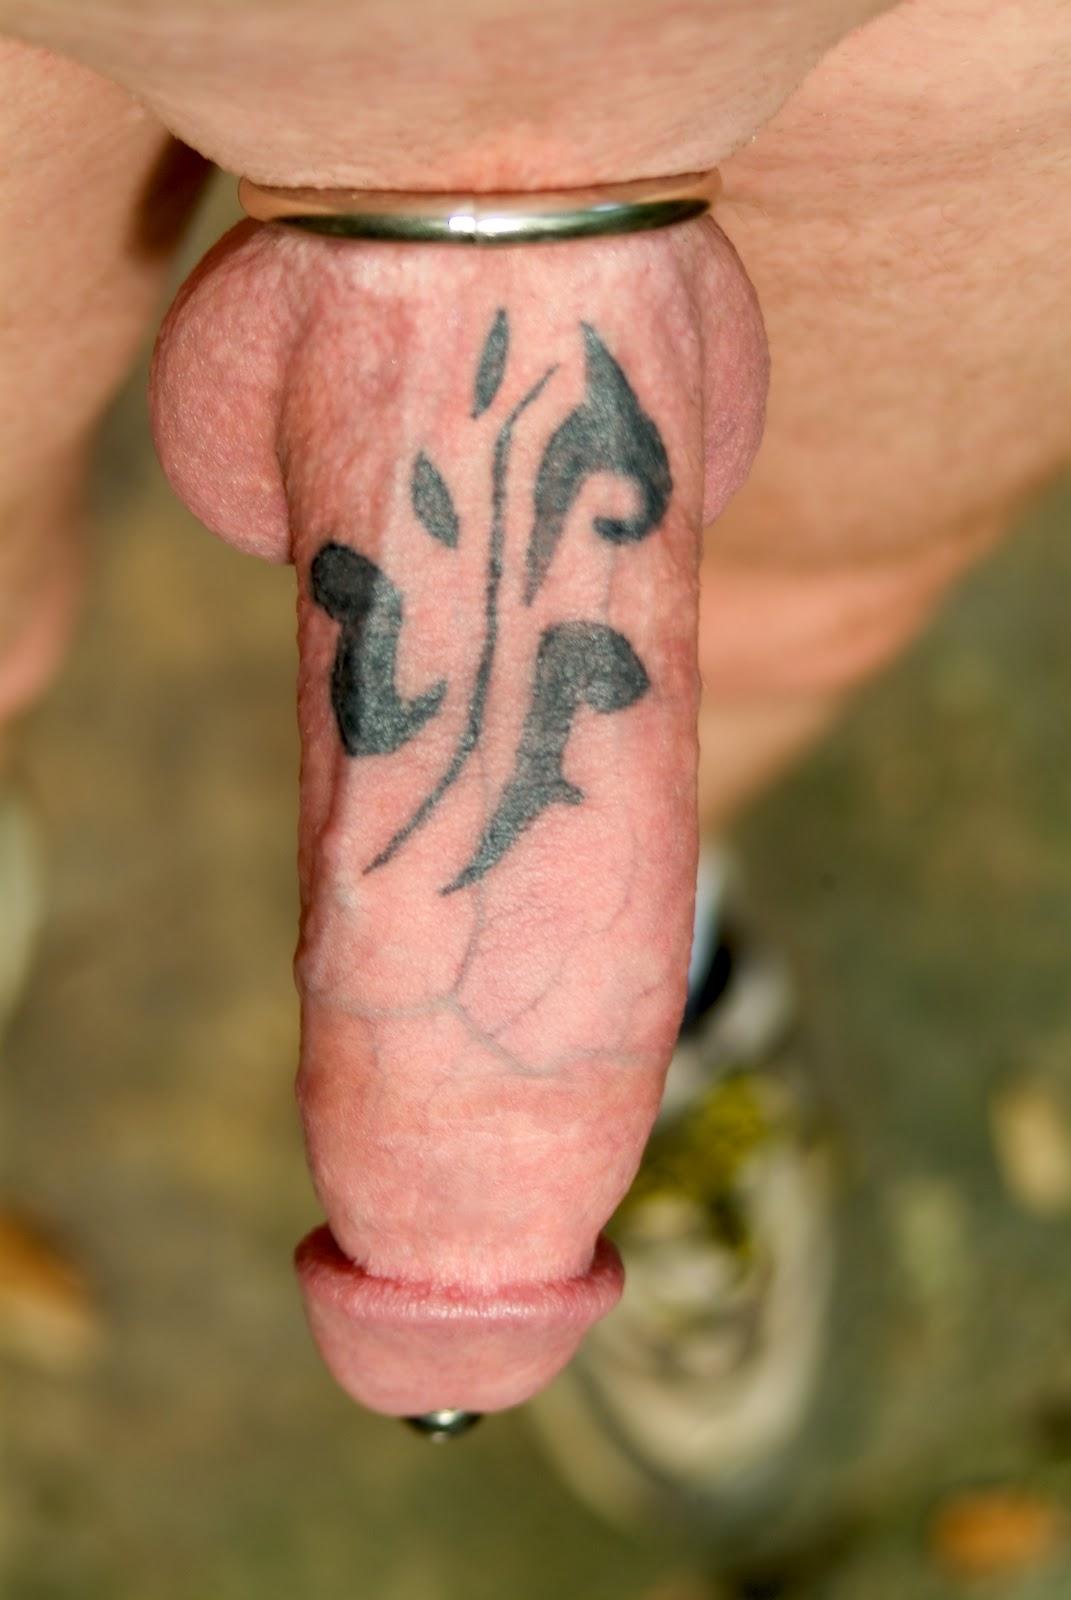 dicks tattoo